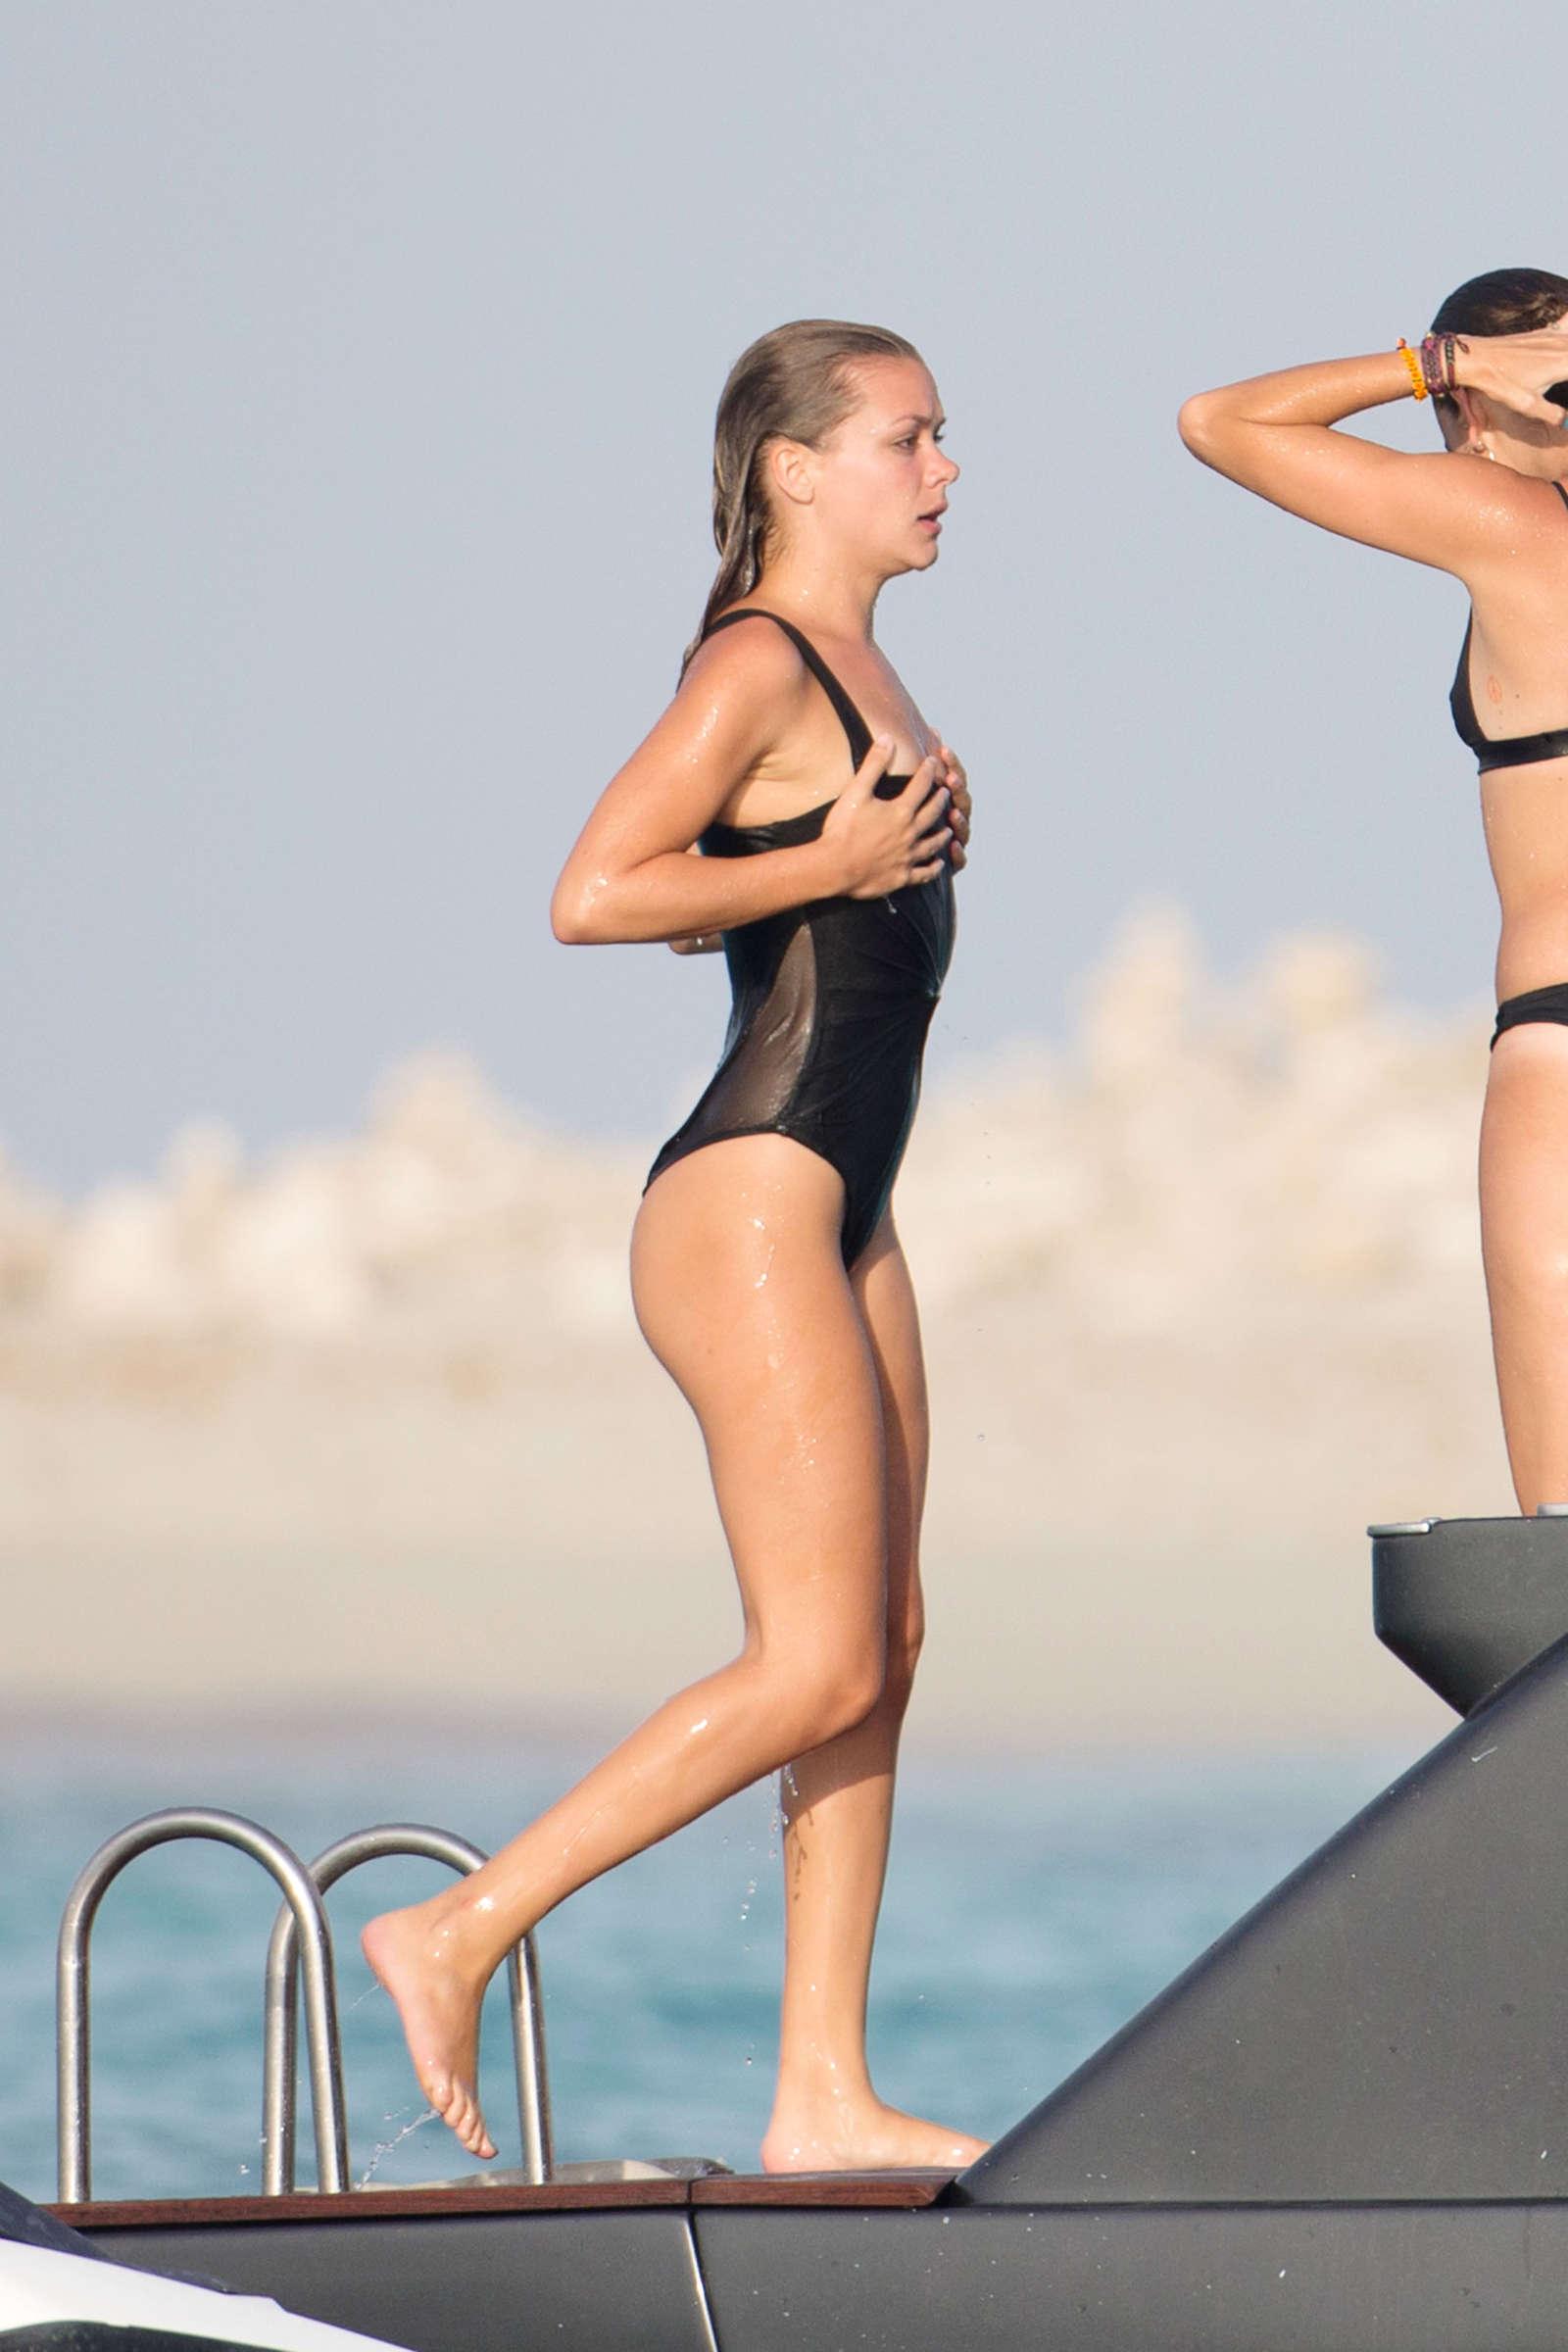 Bikini Ruby Rose nudes (53 foto and video), Sexy, Paparazzi, Feet, in bikini 2006